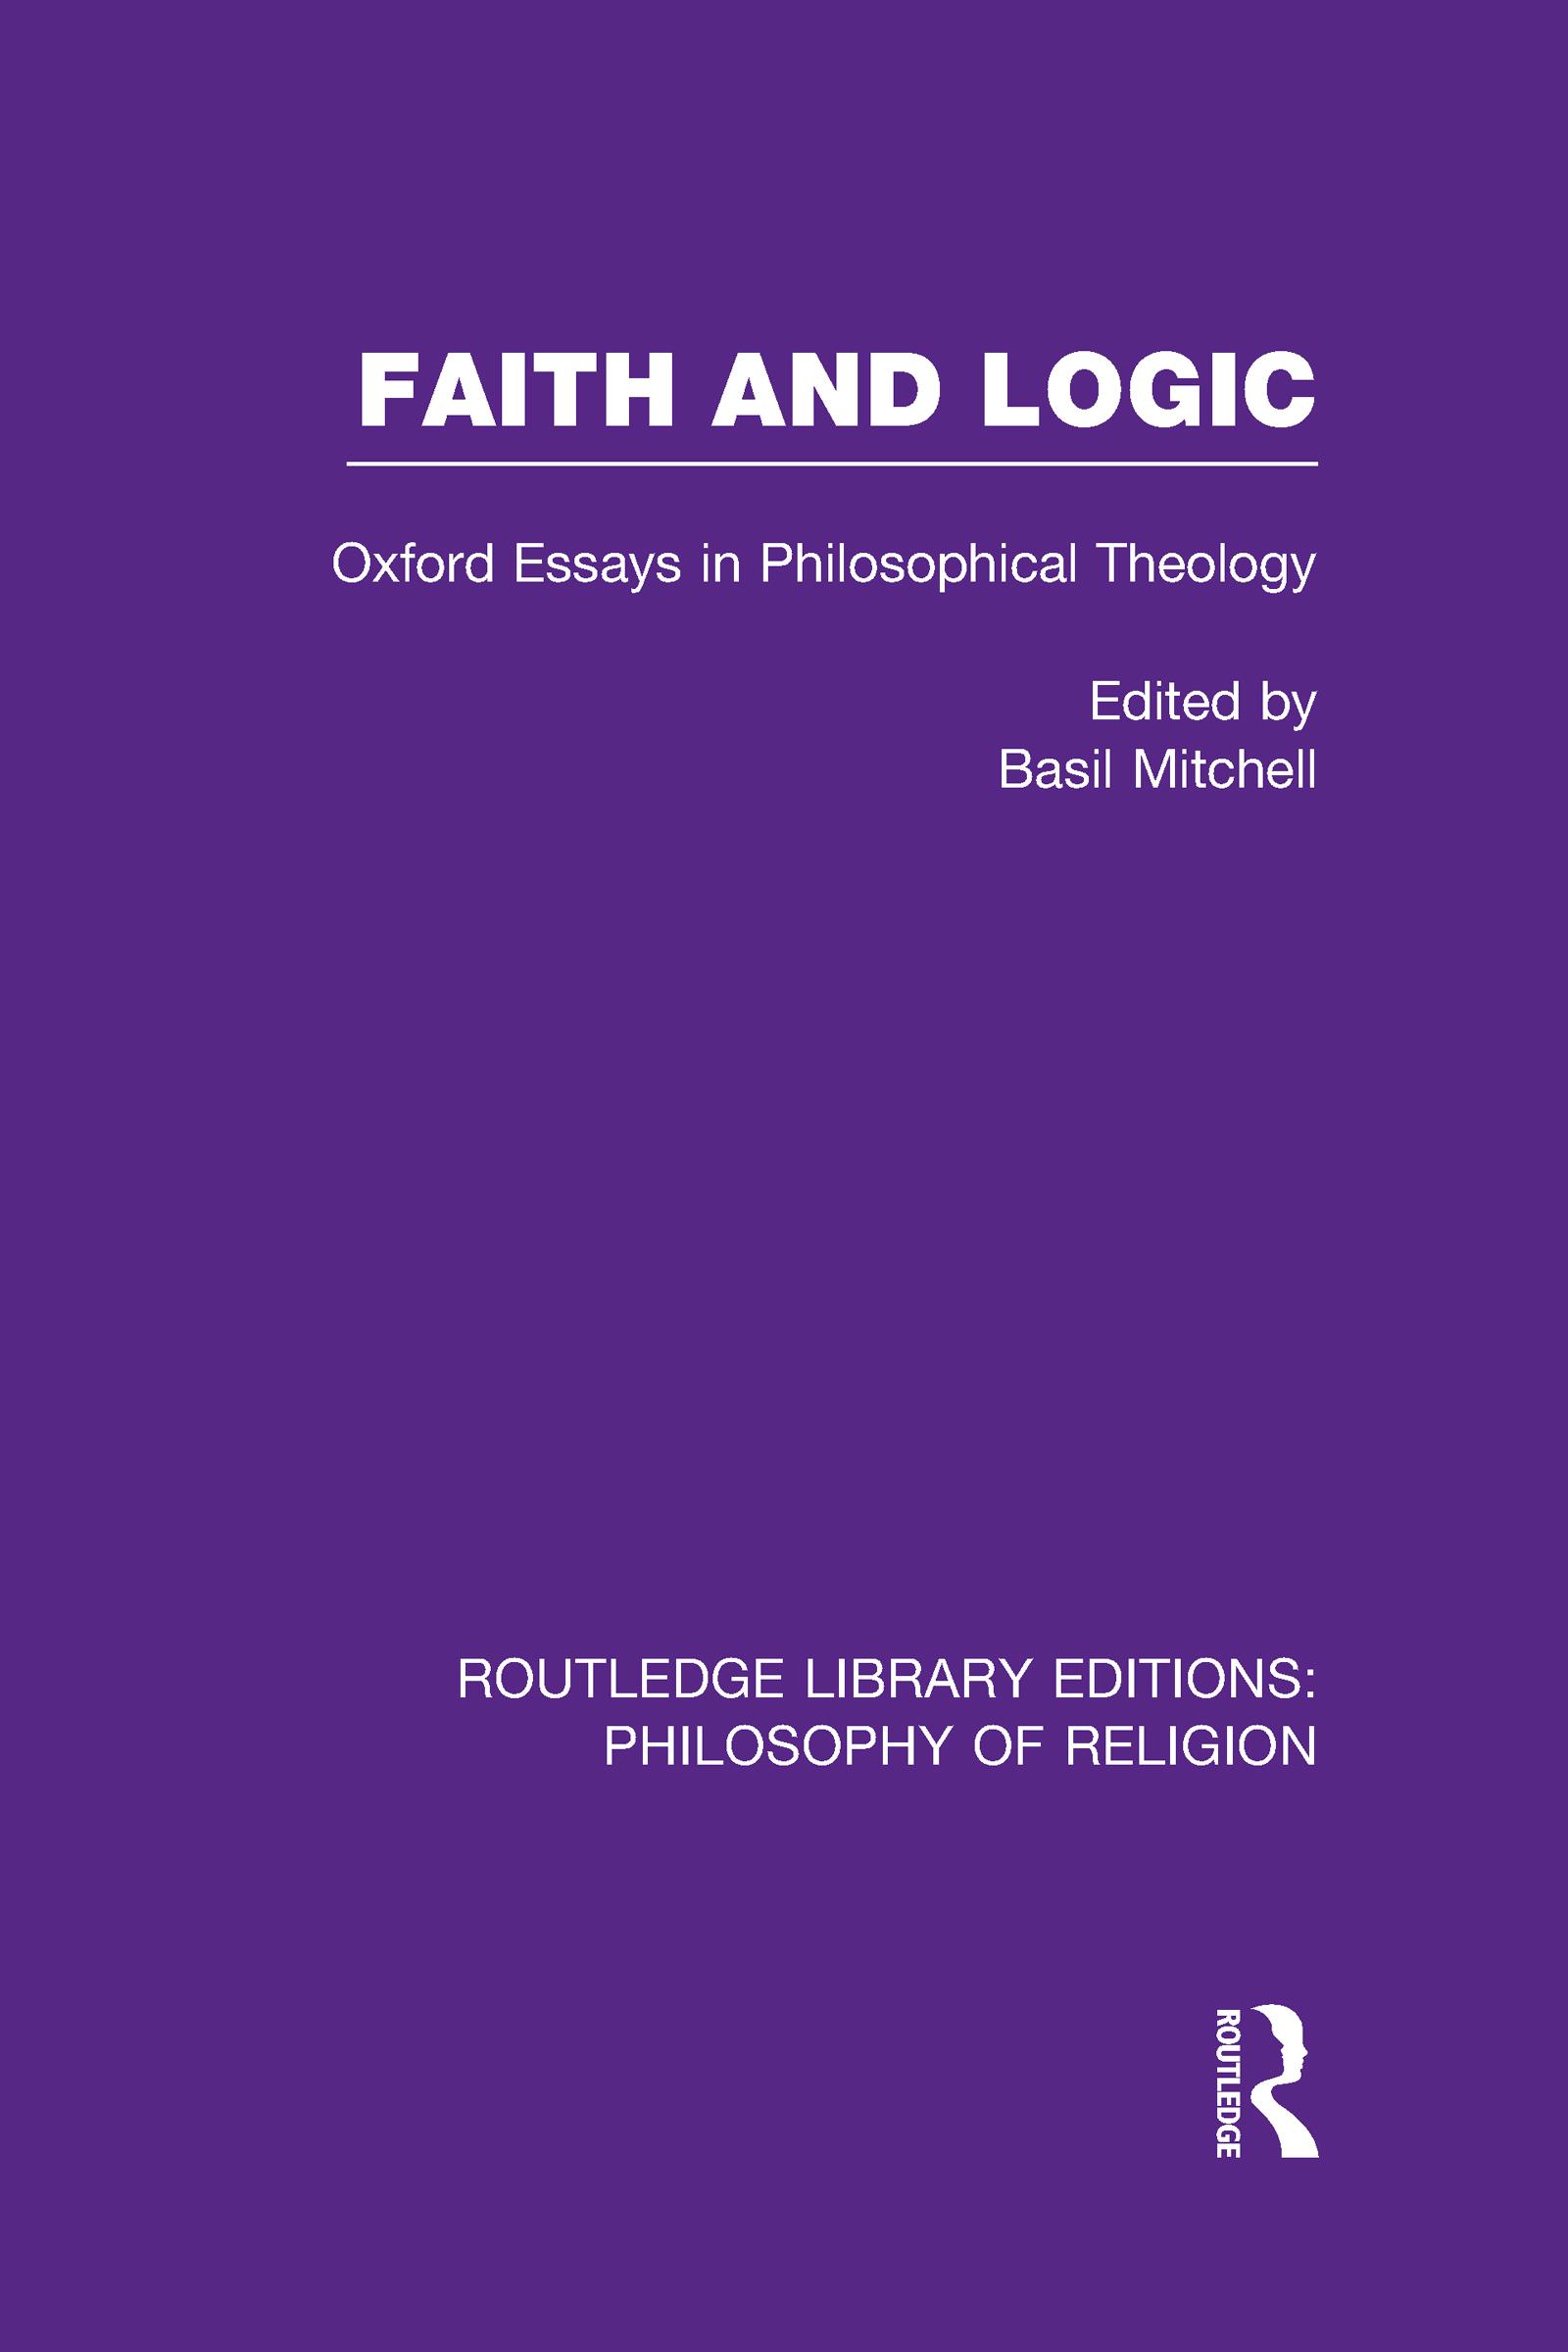 Faith and Logic